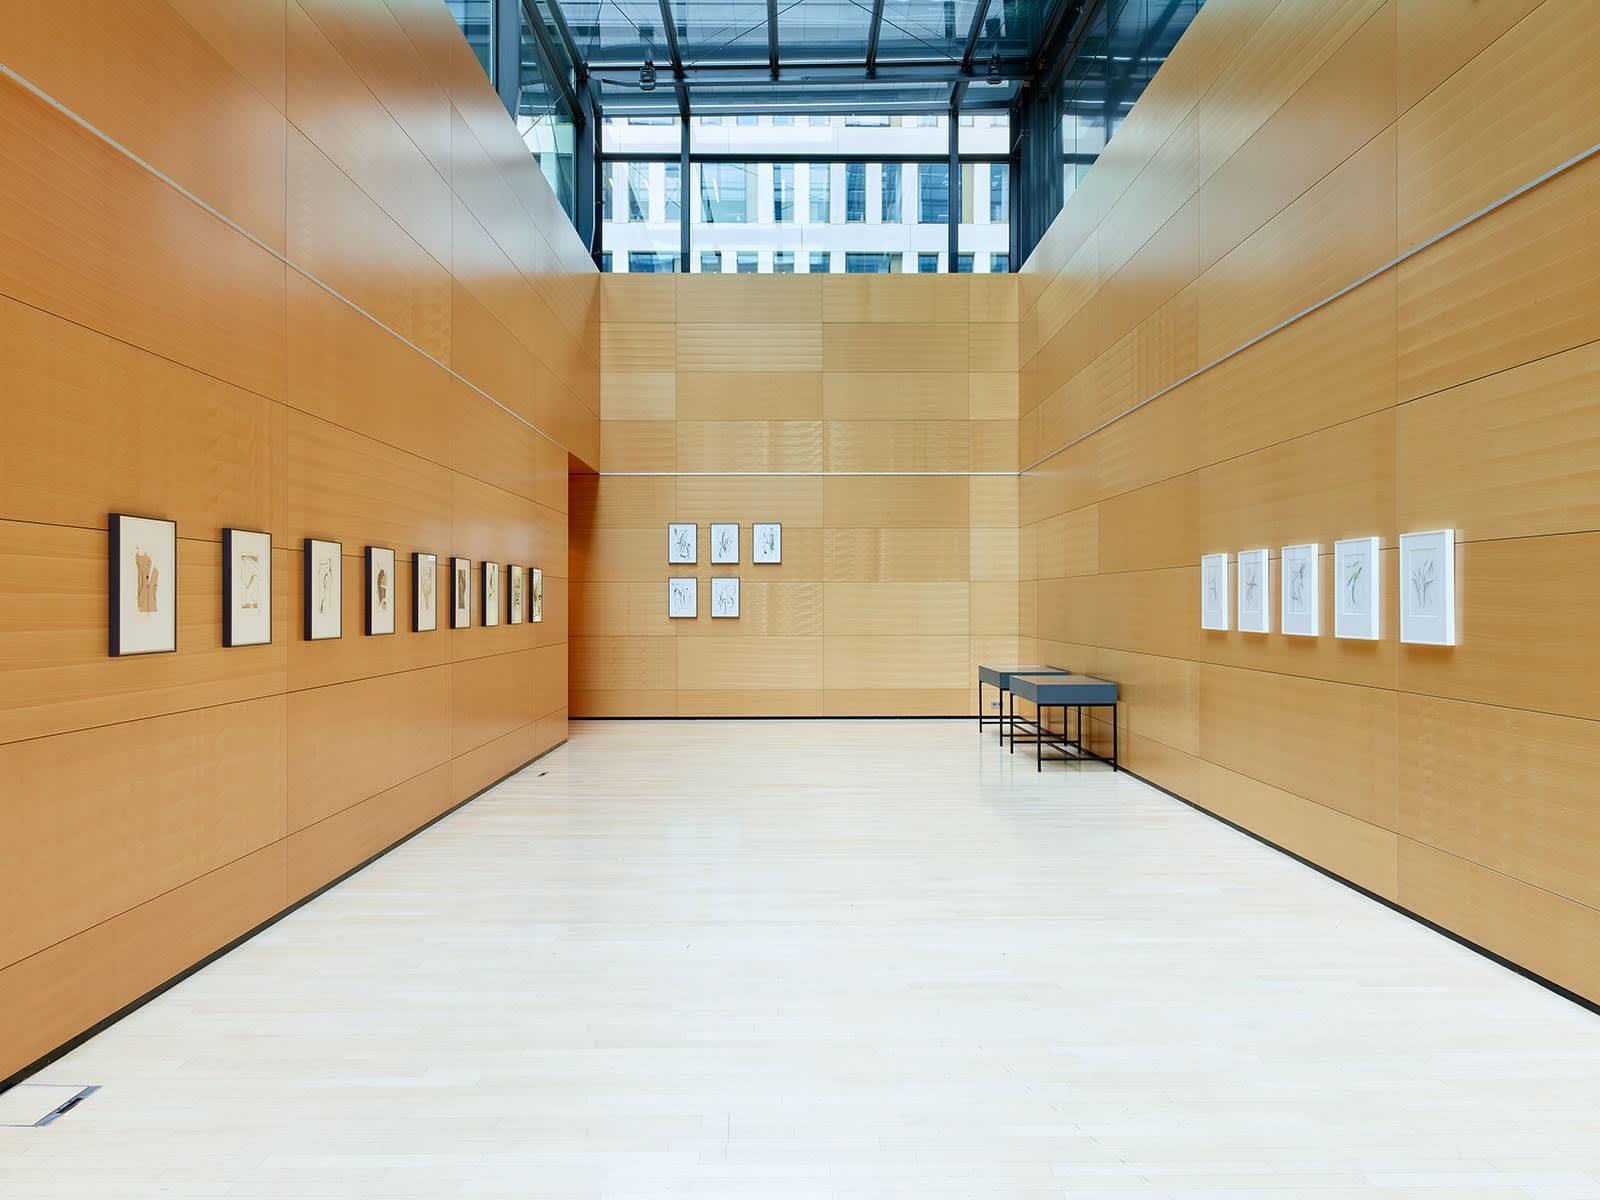 Bert_Theis_Pays_sages_1991_Exhibition_view_ArtCube_Chambre_de_Commerce_2020